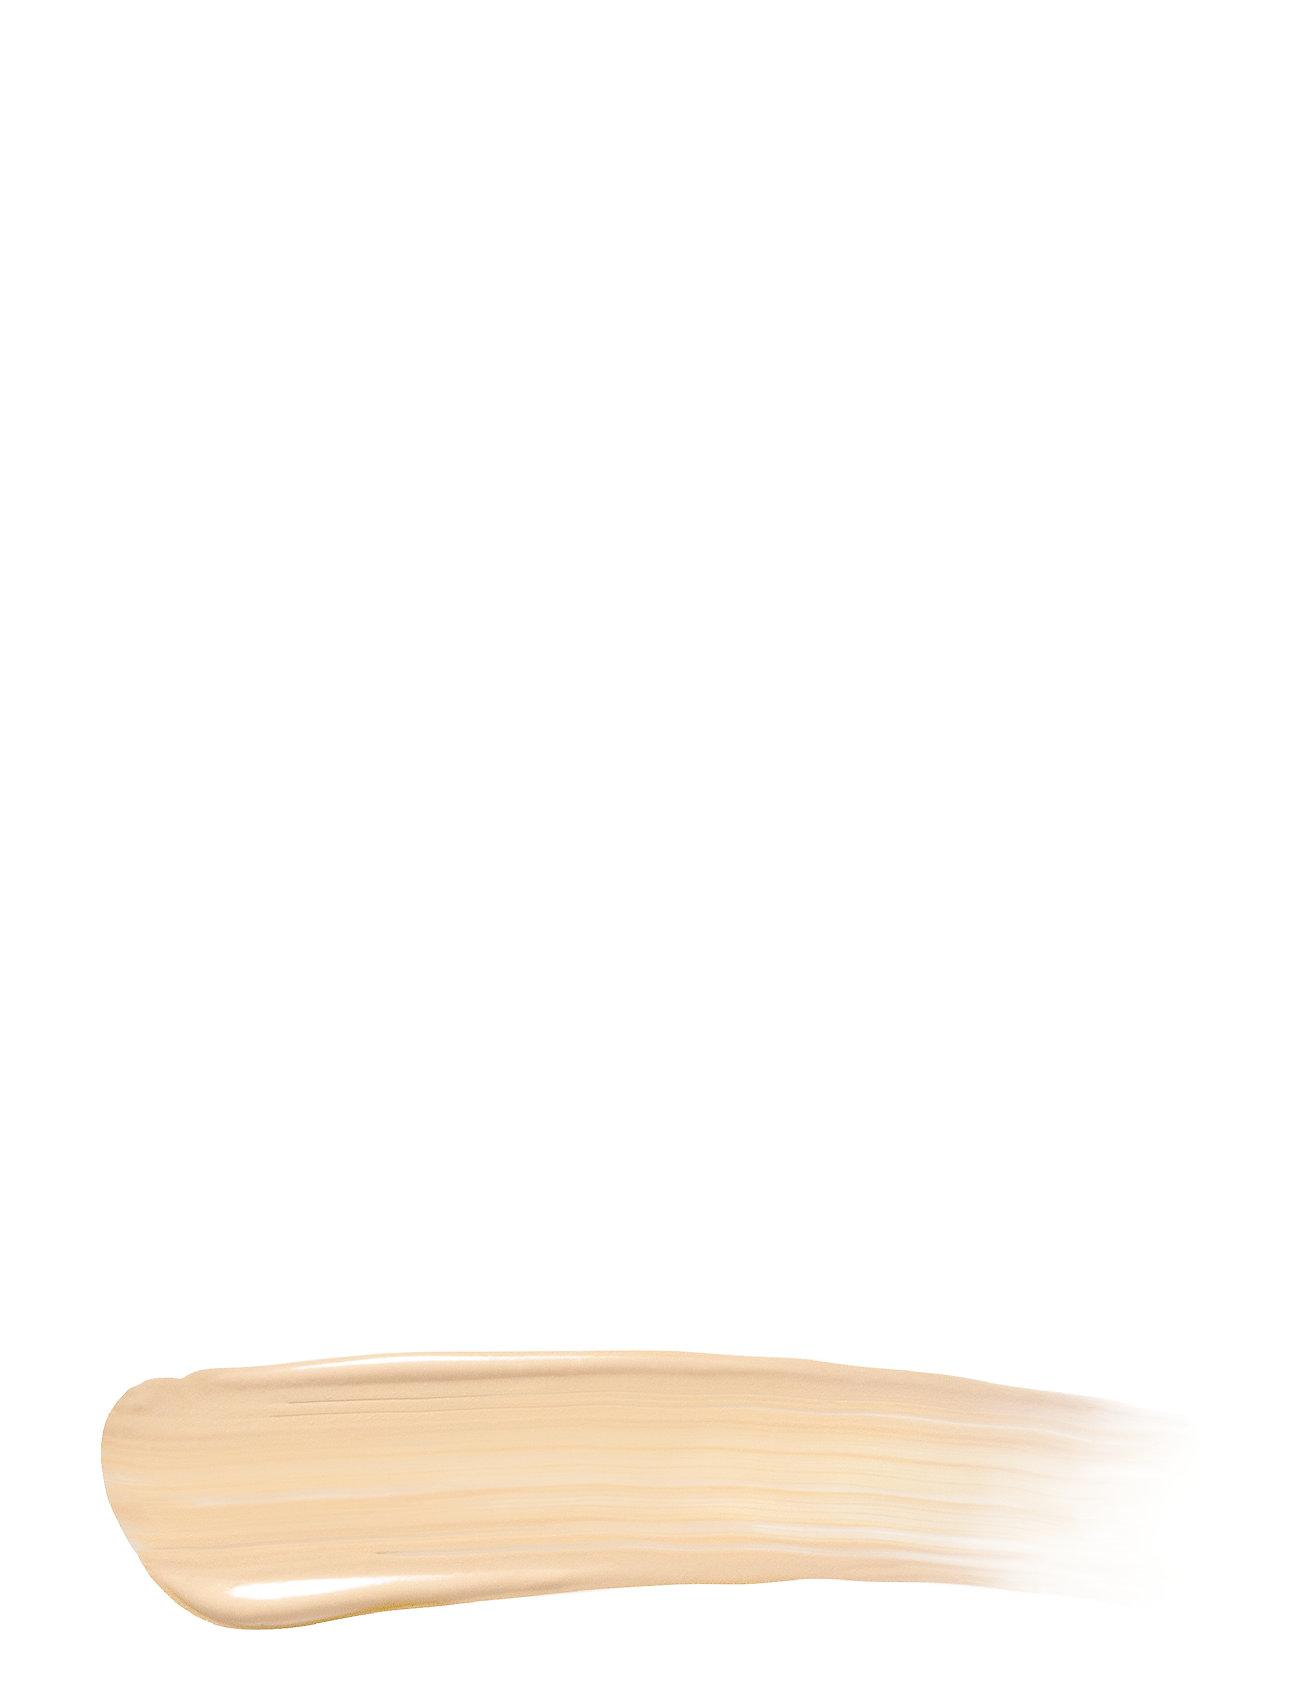 Image of Light Up Concealer 01 Porcelain Light Up Concealer Concealer Makeup Isadora (3145472419)